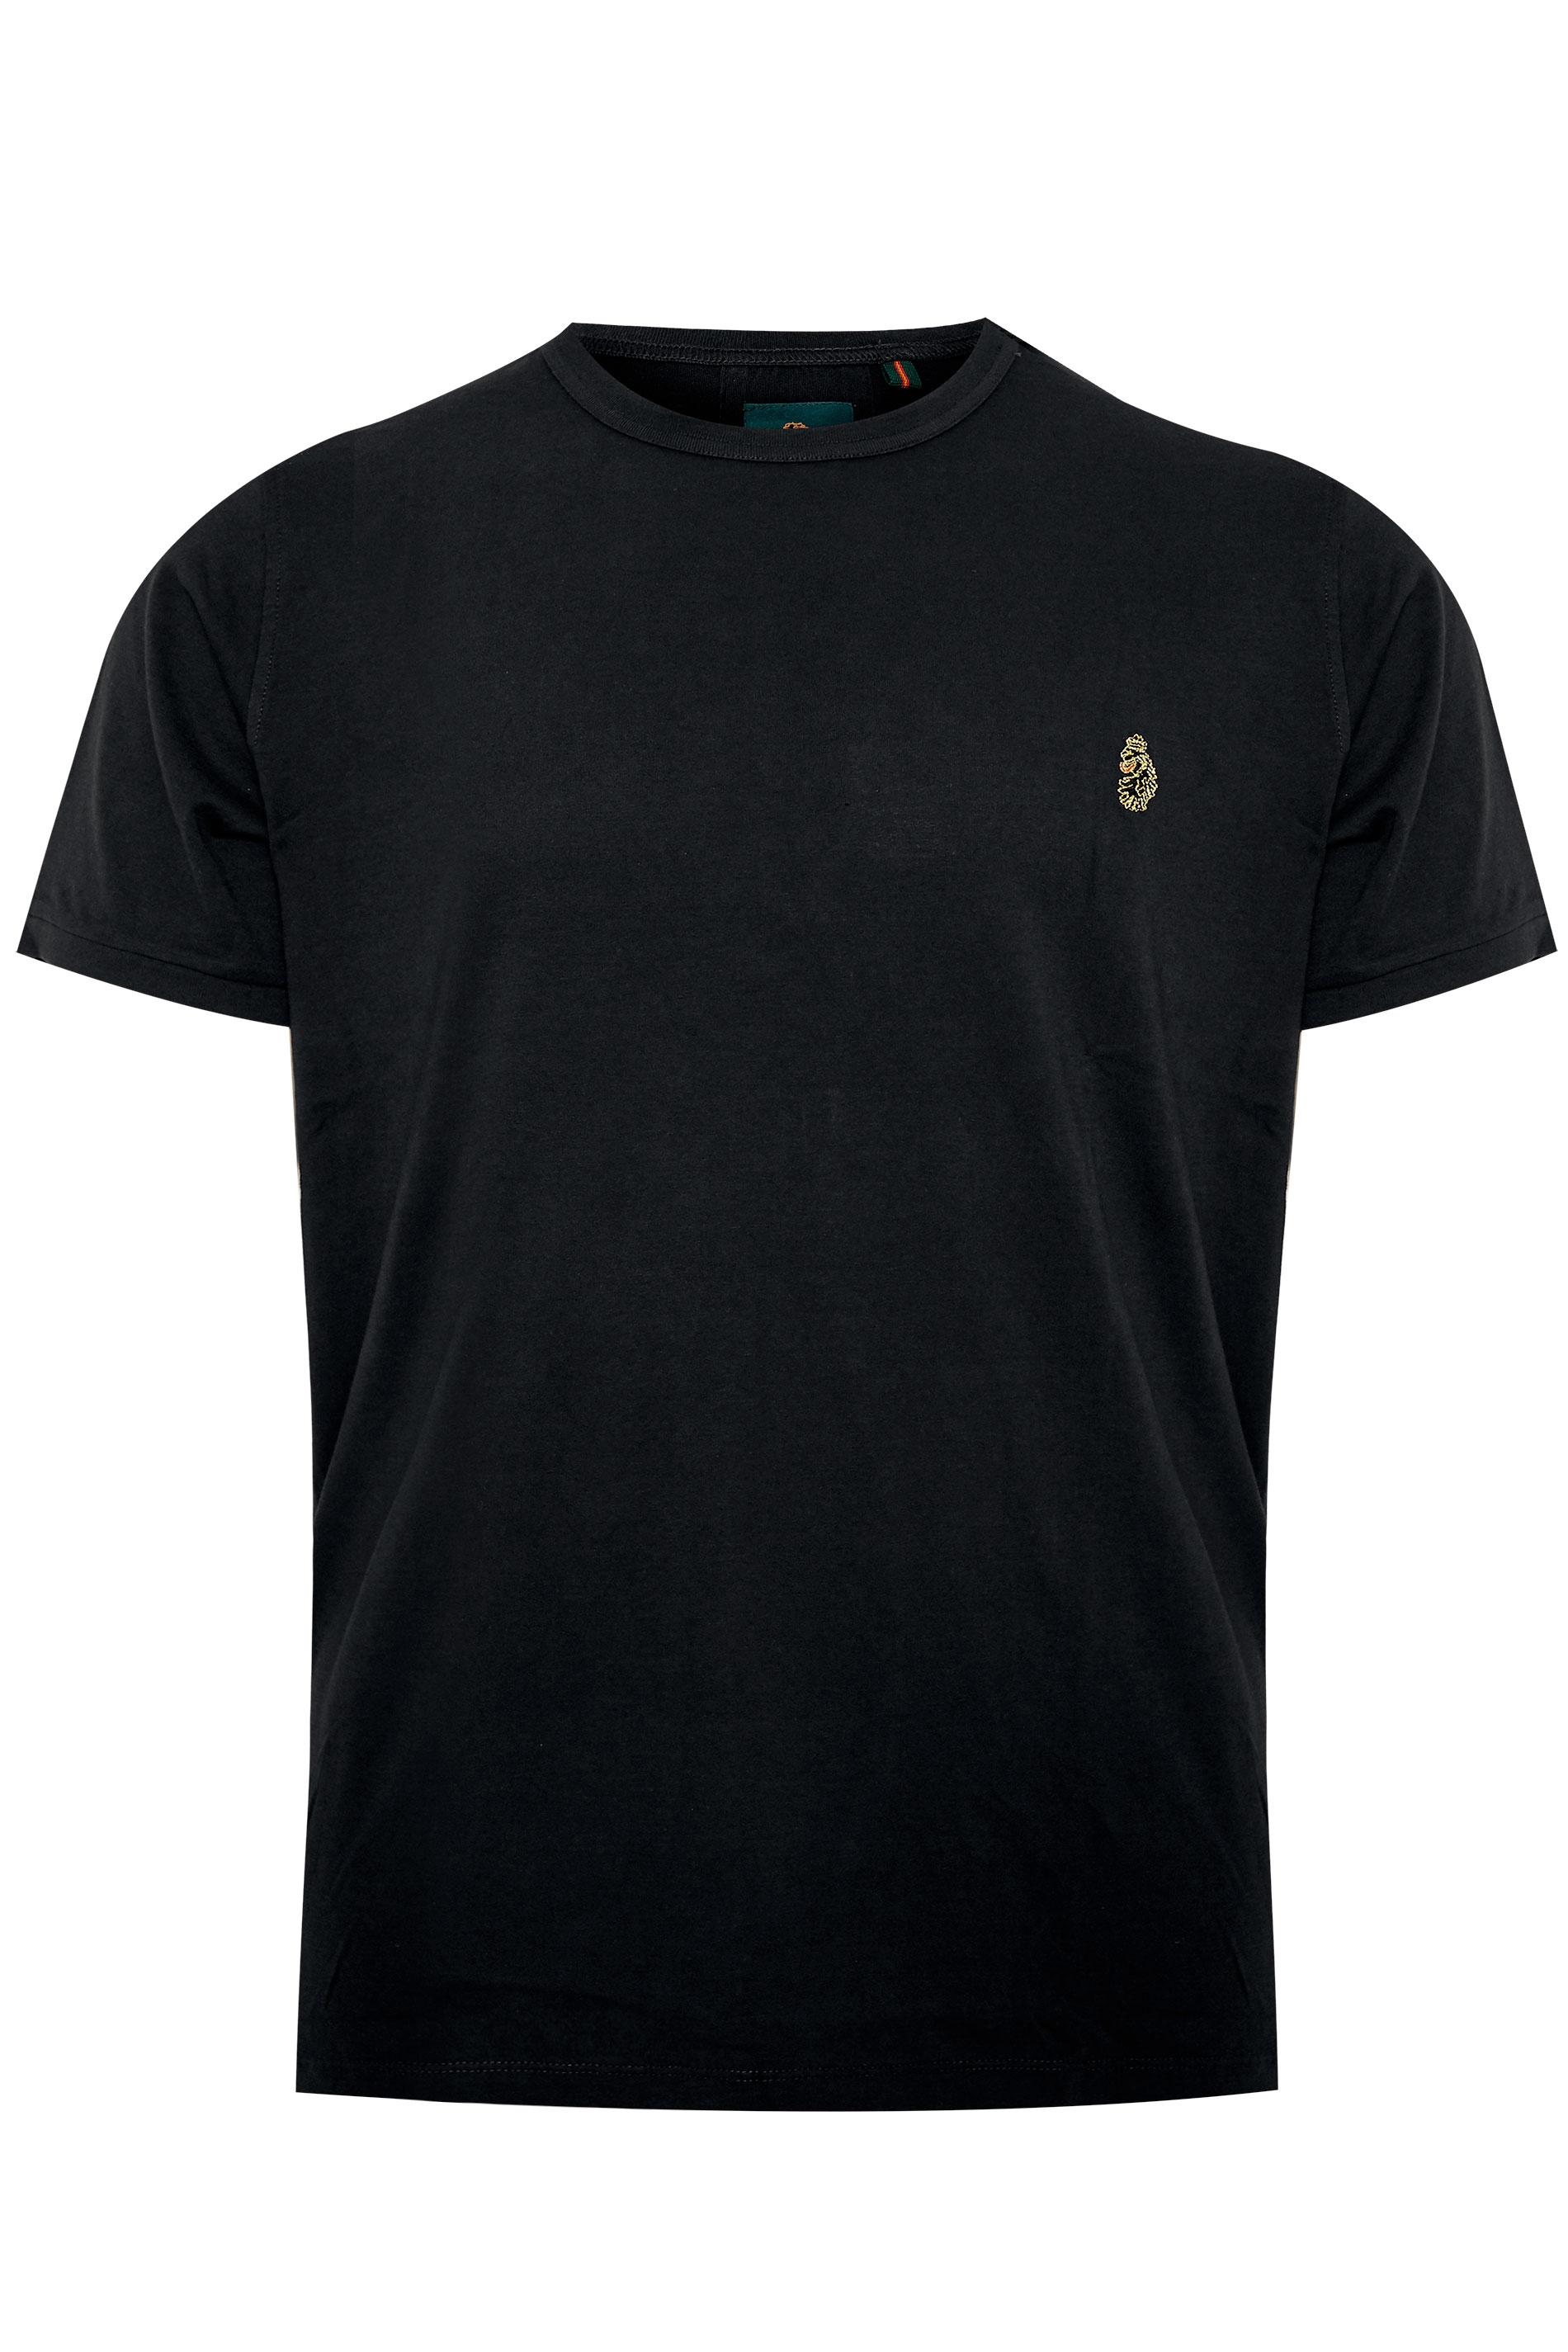 LUKE 1977 - T-shirt van katoen in zwart